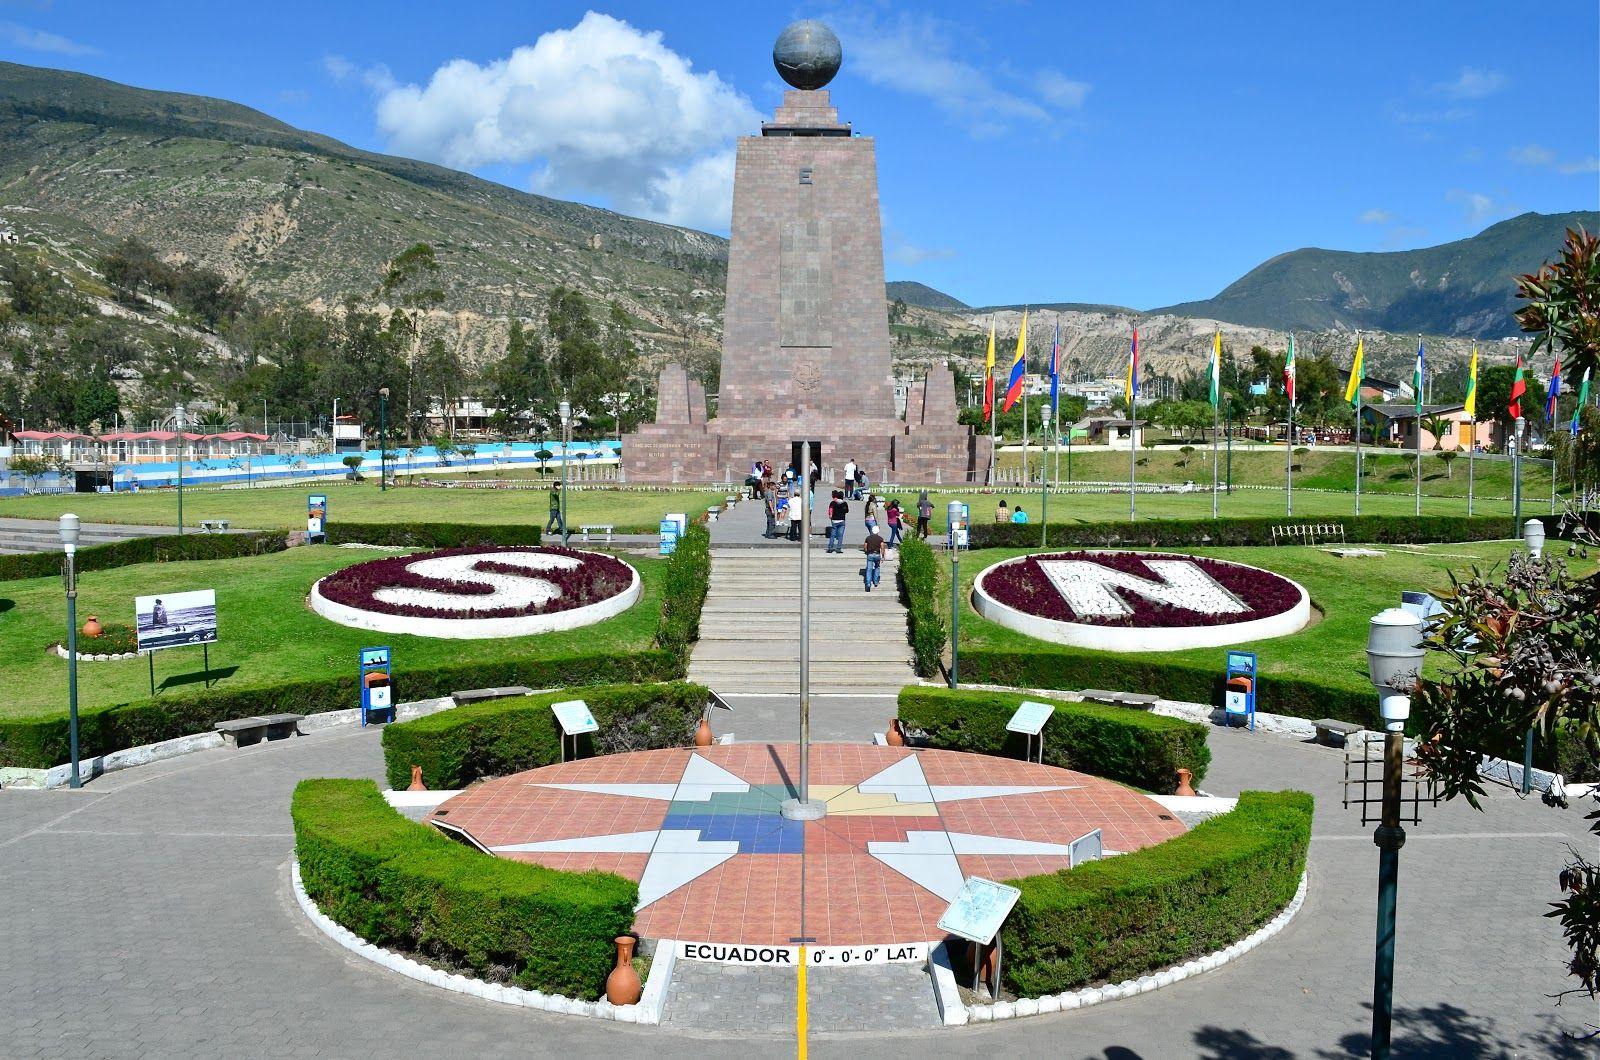 ¿Qué hacer en Quito? - Ciudad mitad del mundo